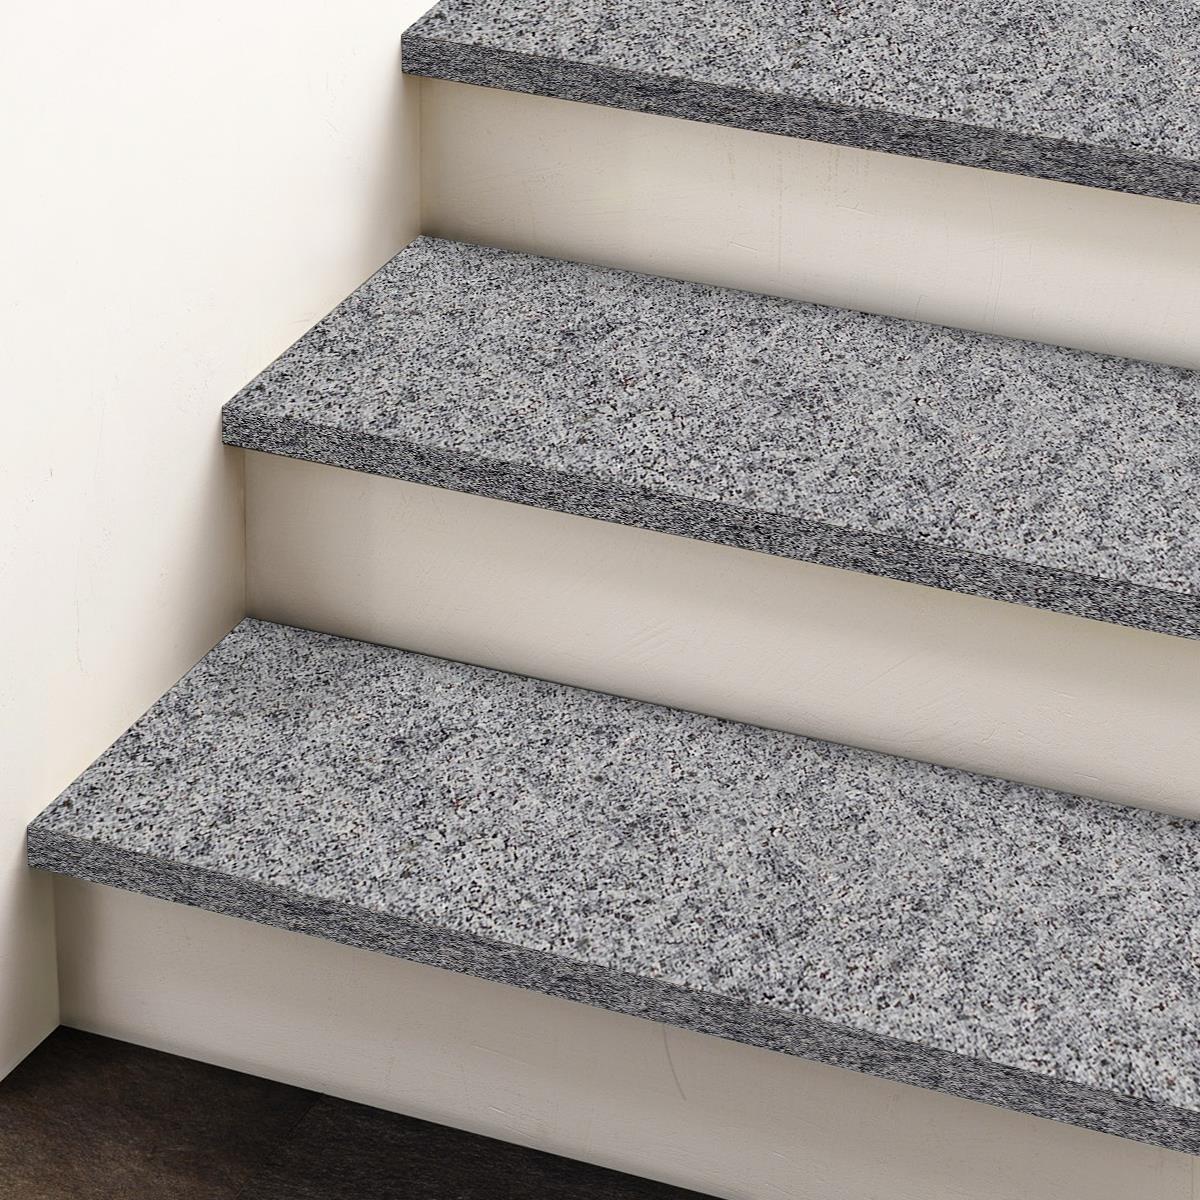 Padang Dark Flamed Granite Stair 120 x 33 x 2 cm